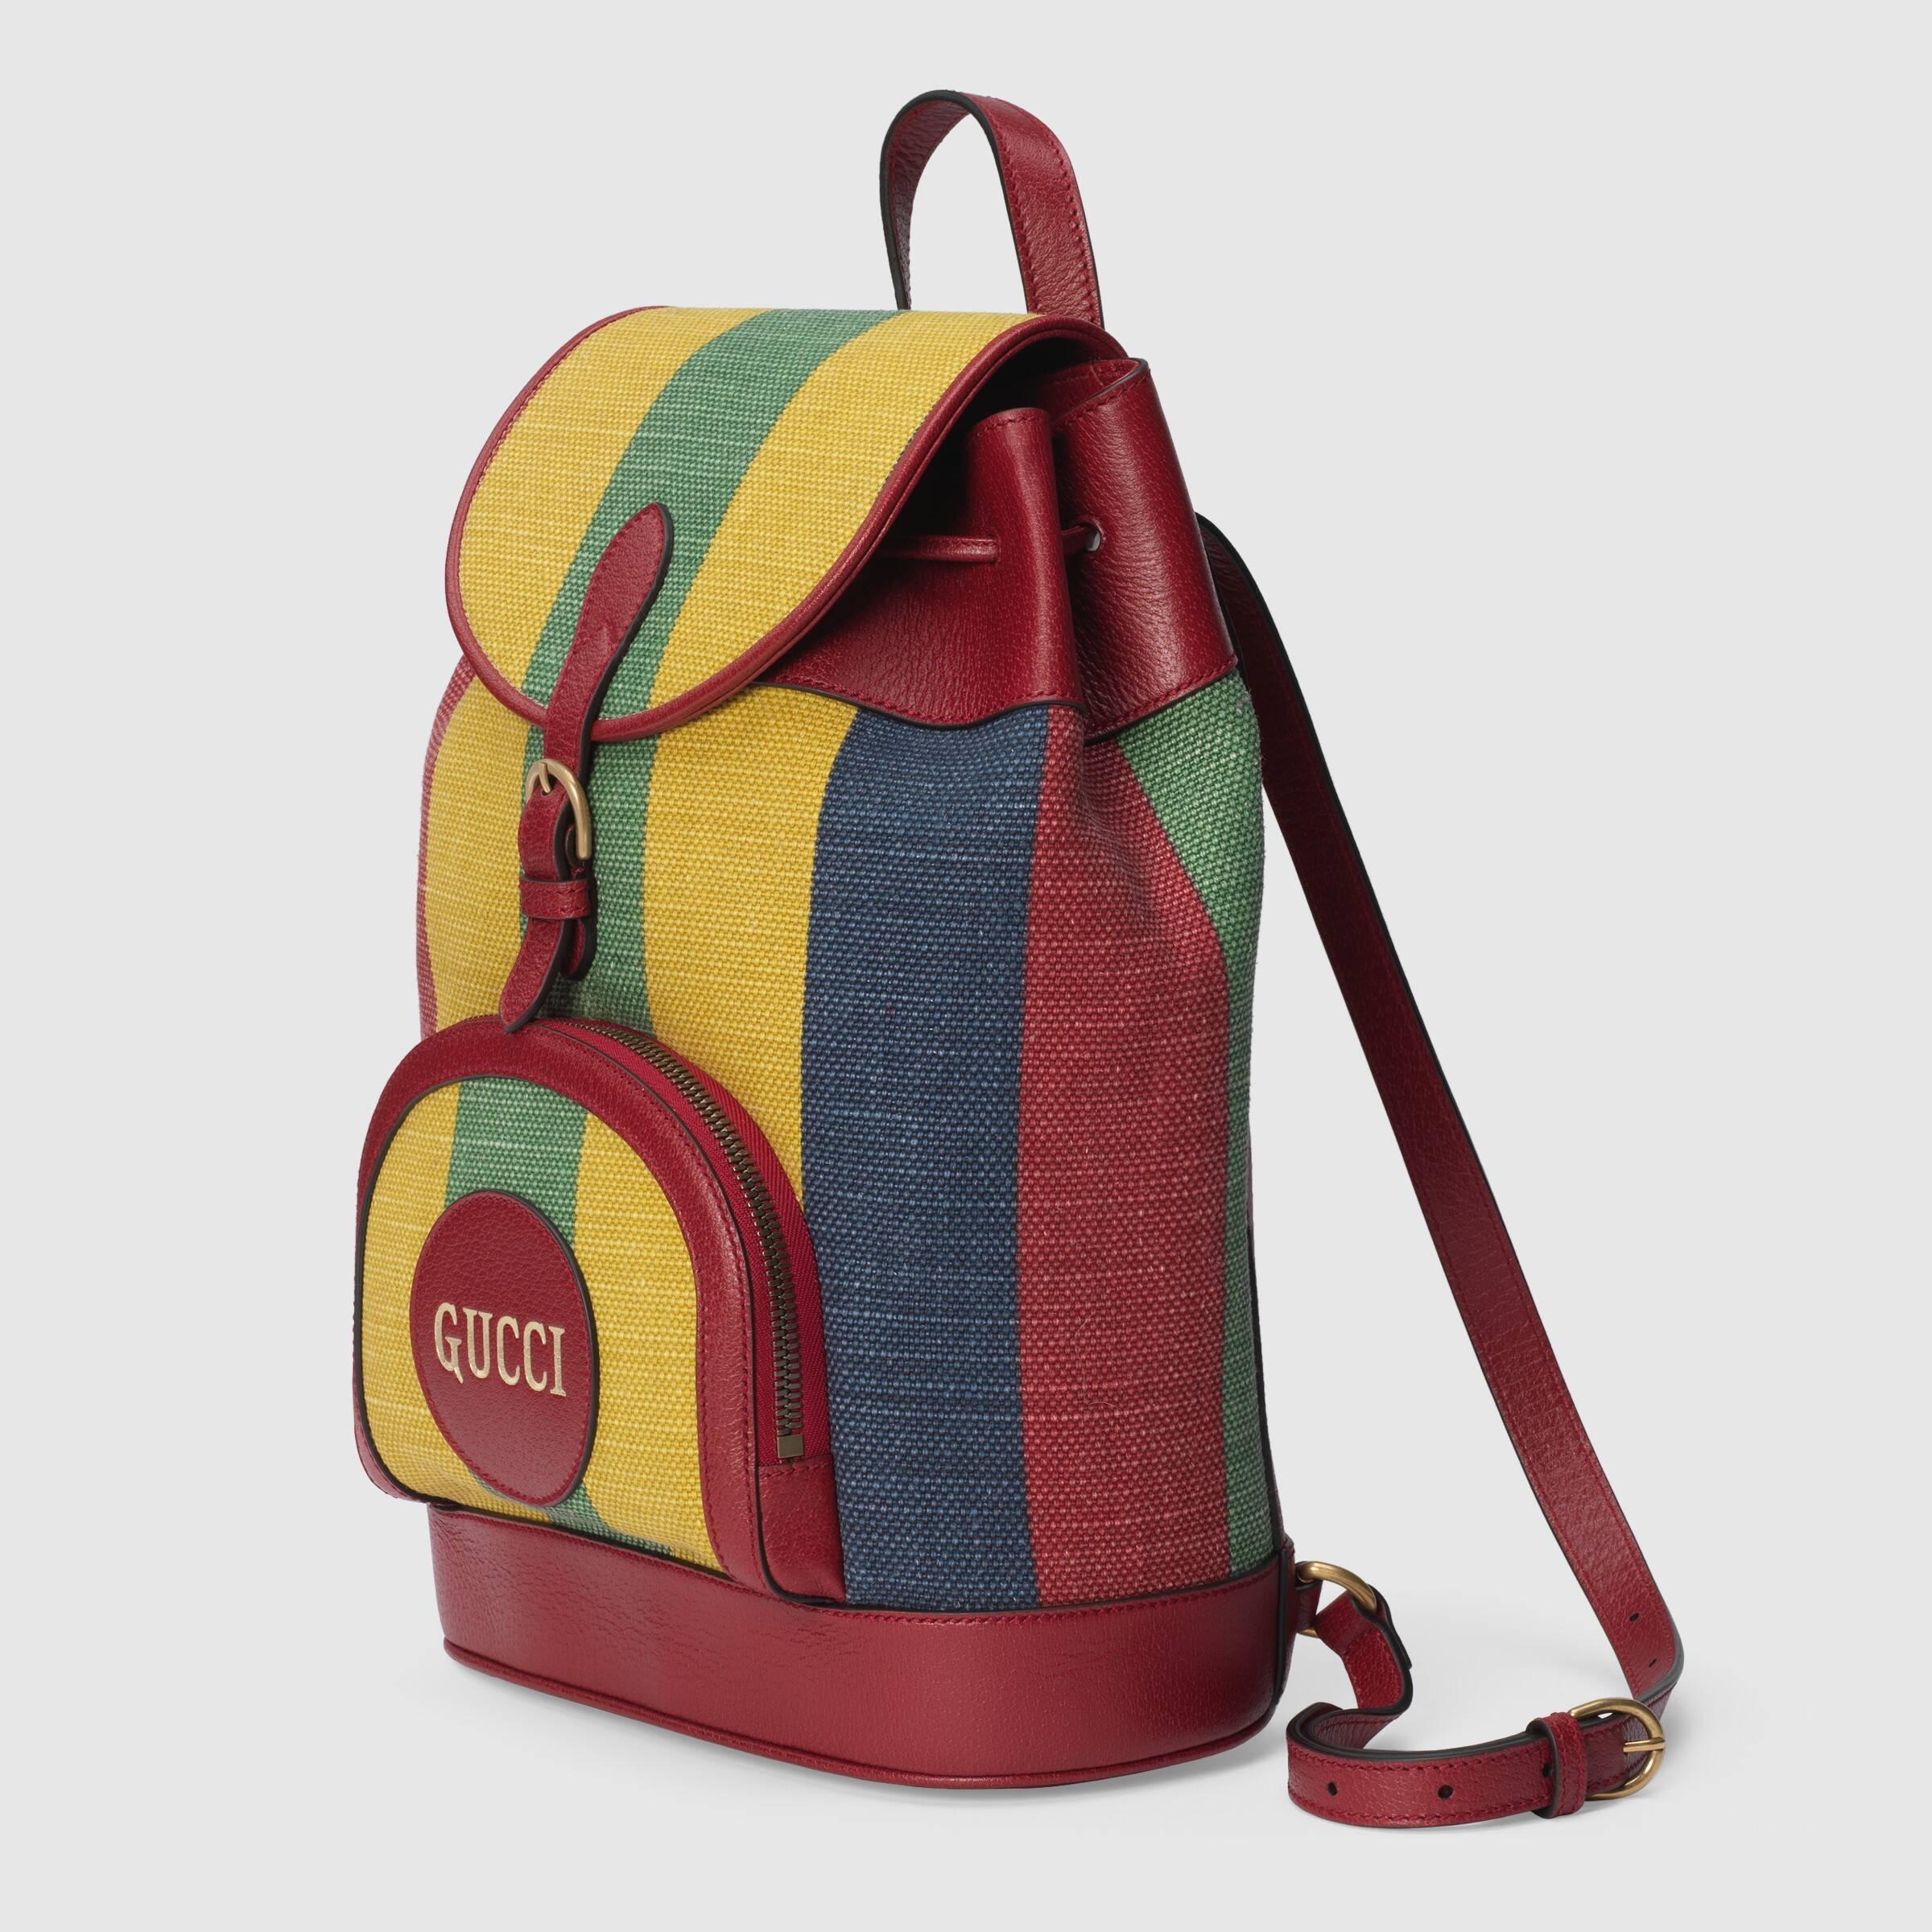 유럽직배송 구찌 GUCCI Gucci Baiadera stripe canvas backpack  6259092CSAT8946